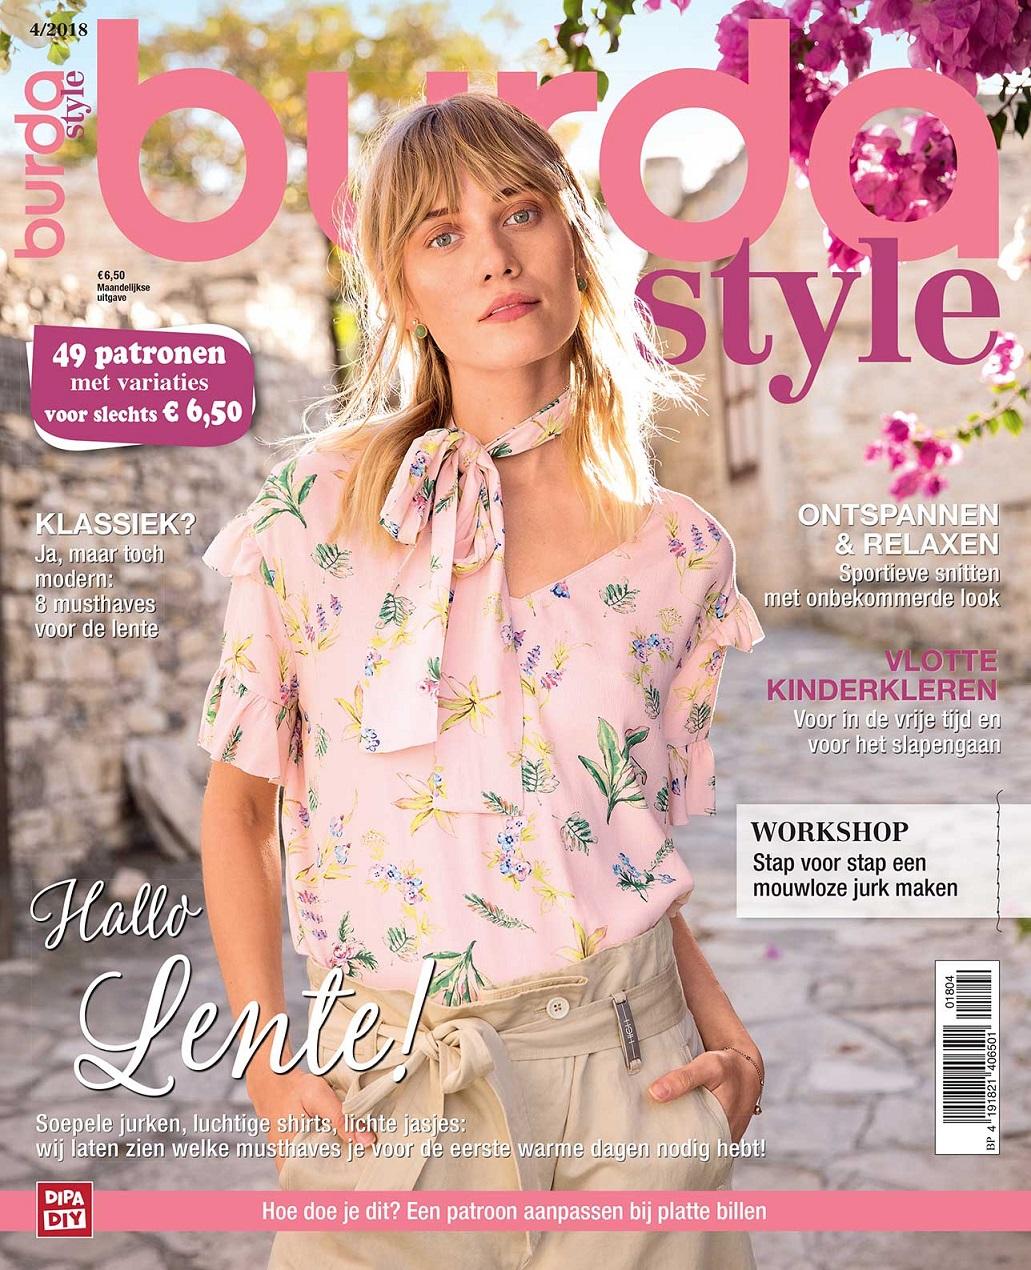 Burda Style 2018/04